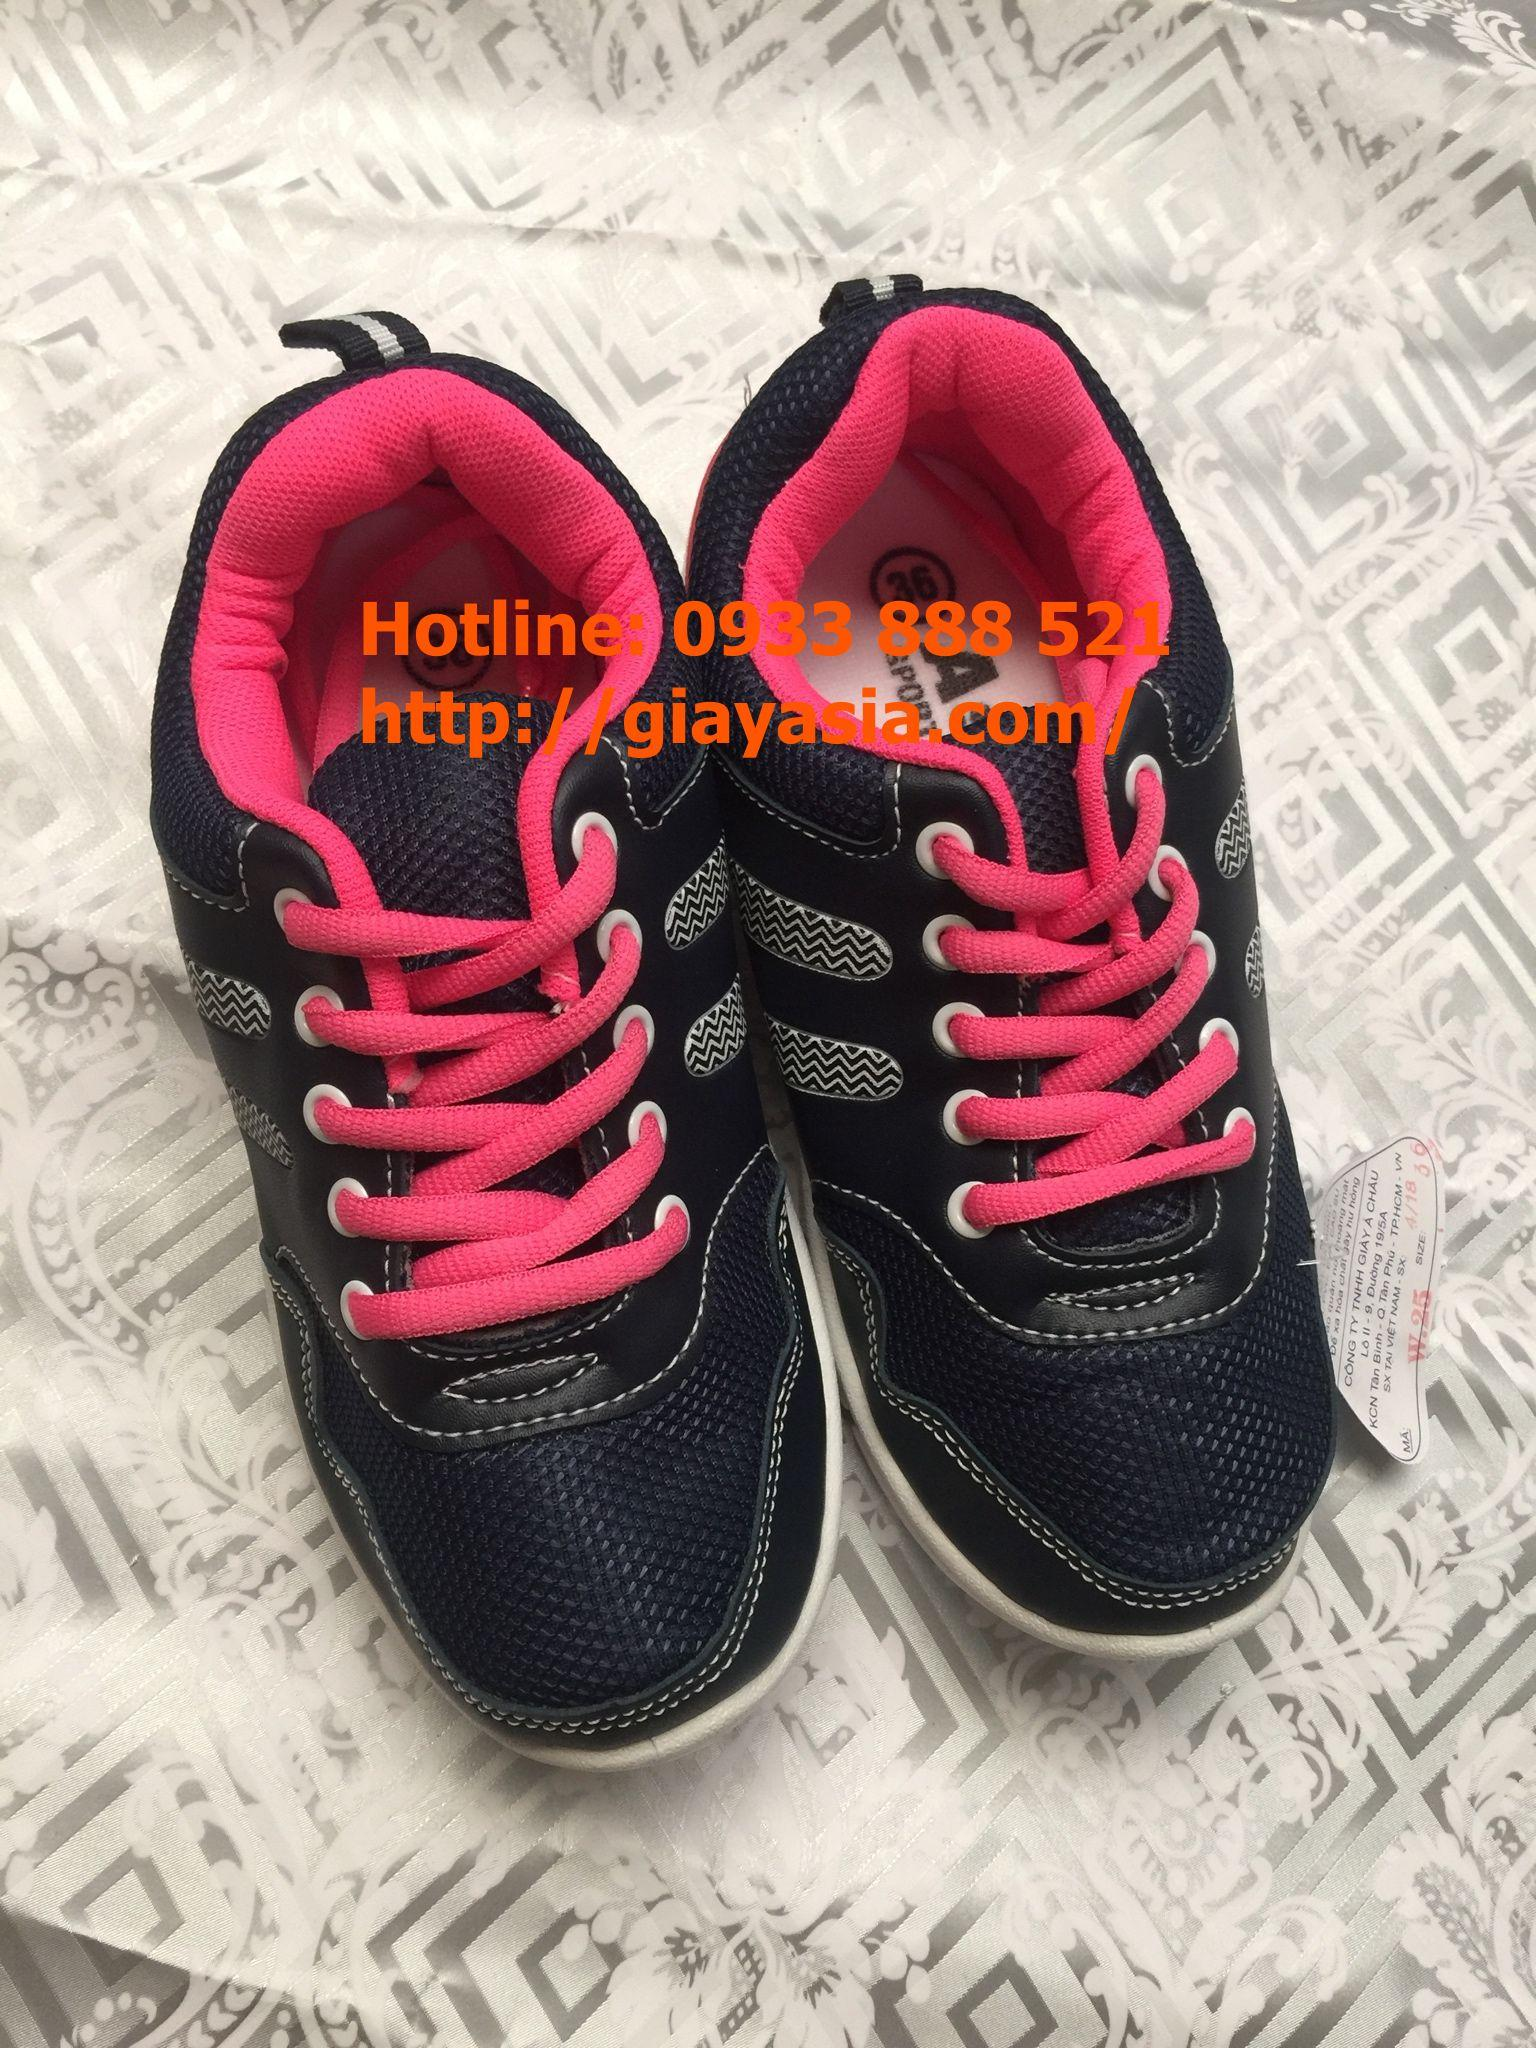 Giày asia thời trang nữ xanh hồng